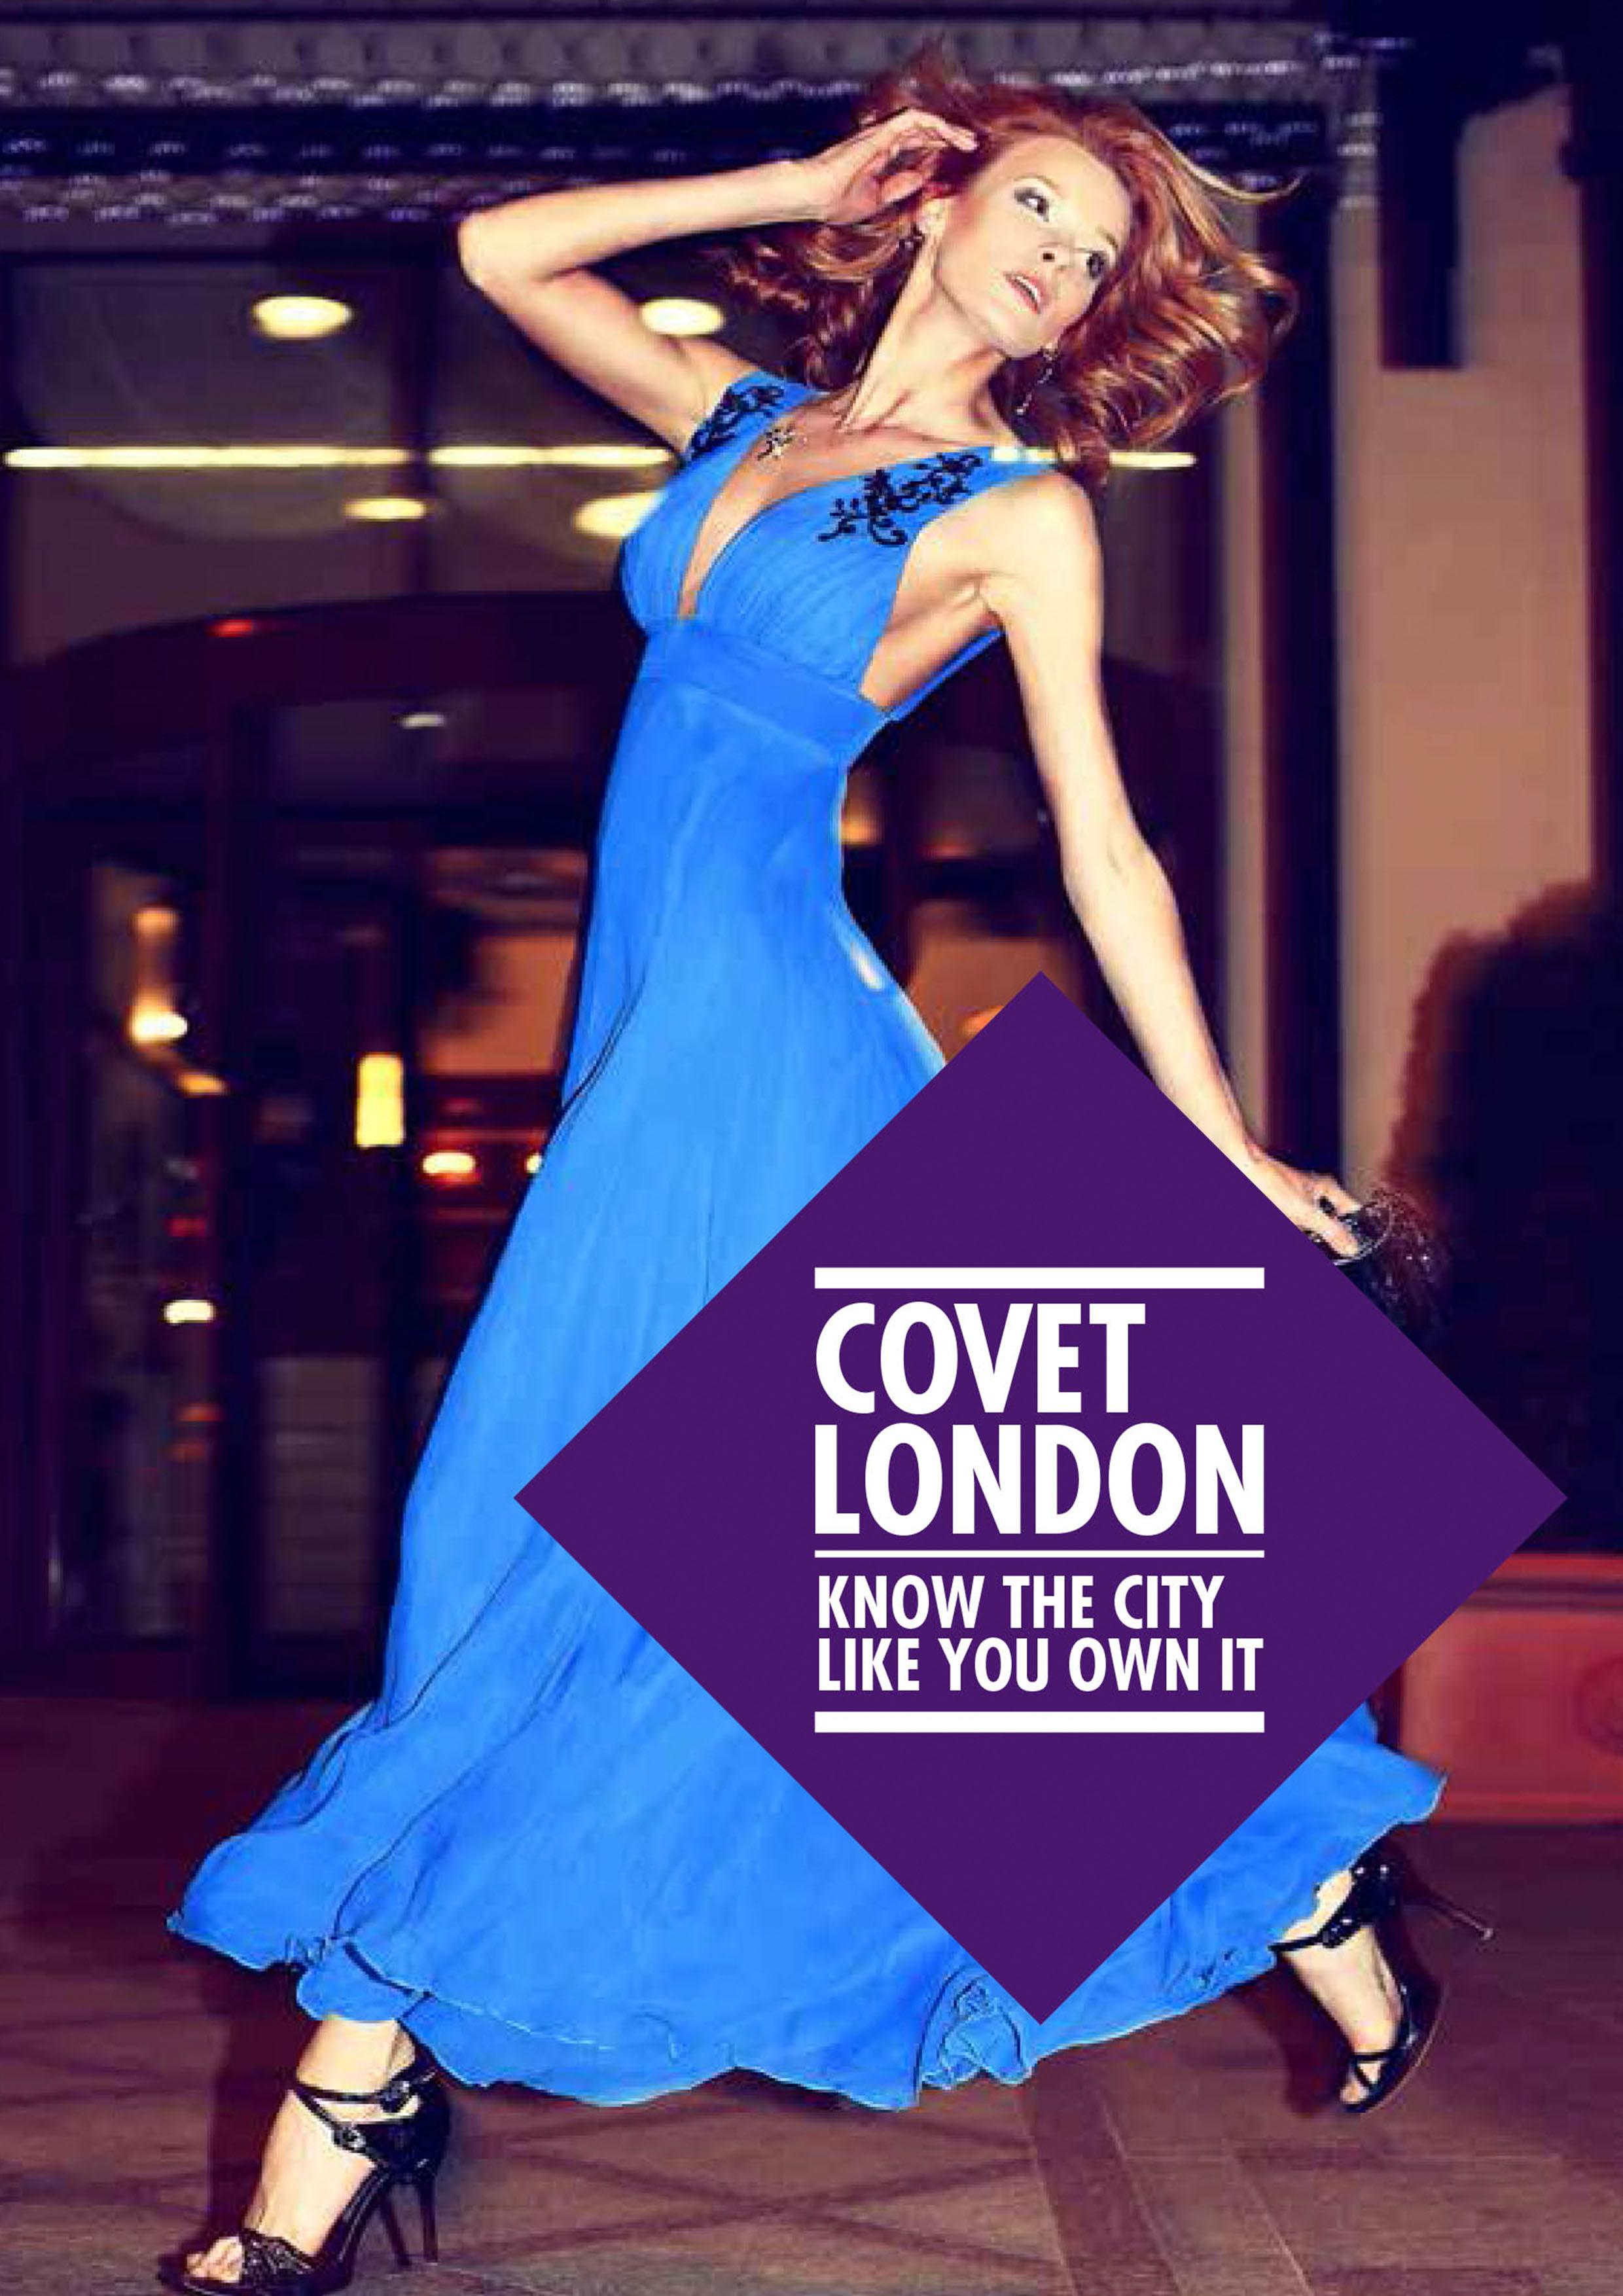 December 2013 Covet Girl London